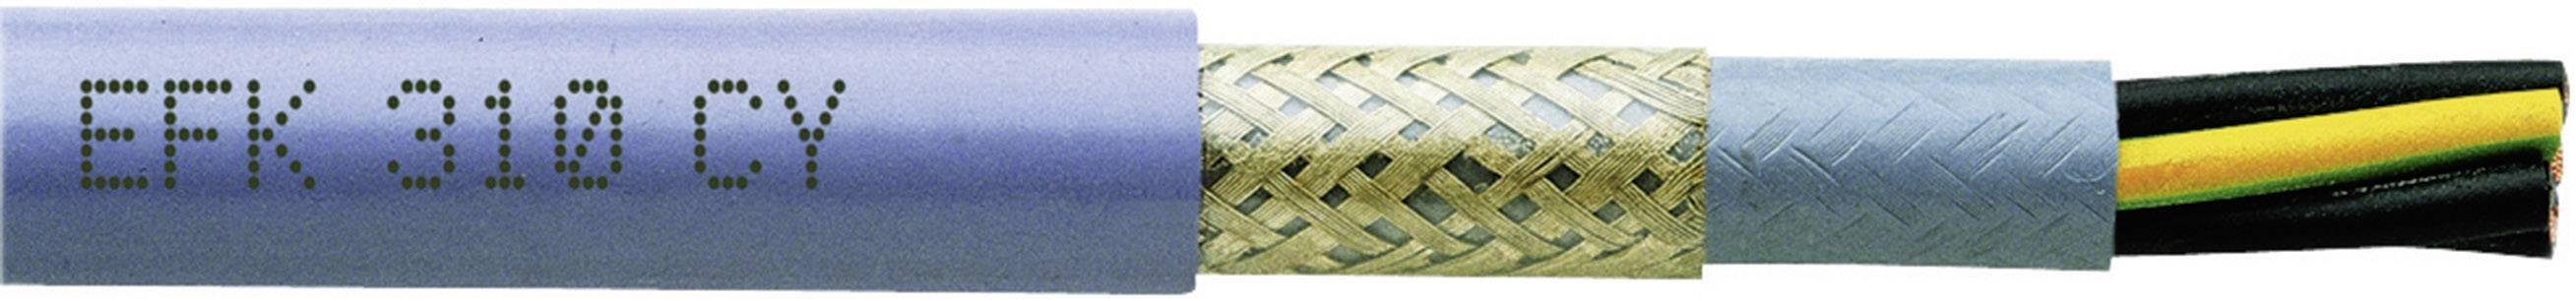 Tažný kabel Faber Kabel EFK 310 CY 310 CUL EFK PVC/PVC/C/PVC (035491), 3x 1 mm², PVC, Ø 9,2 mm, stíněný, 1 m,